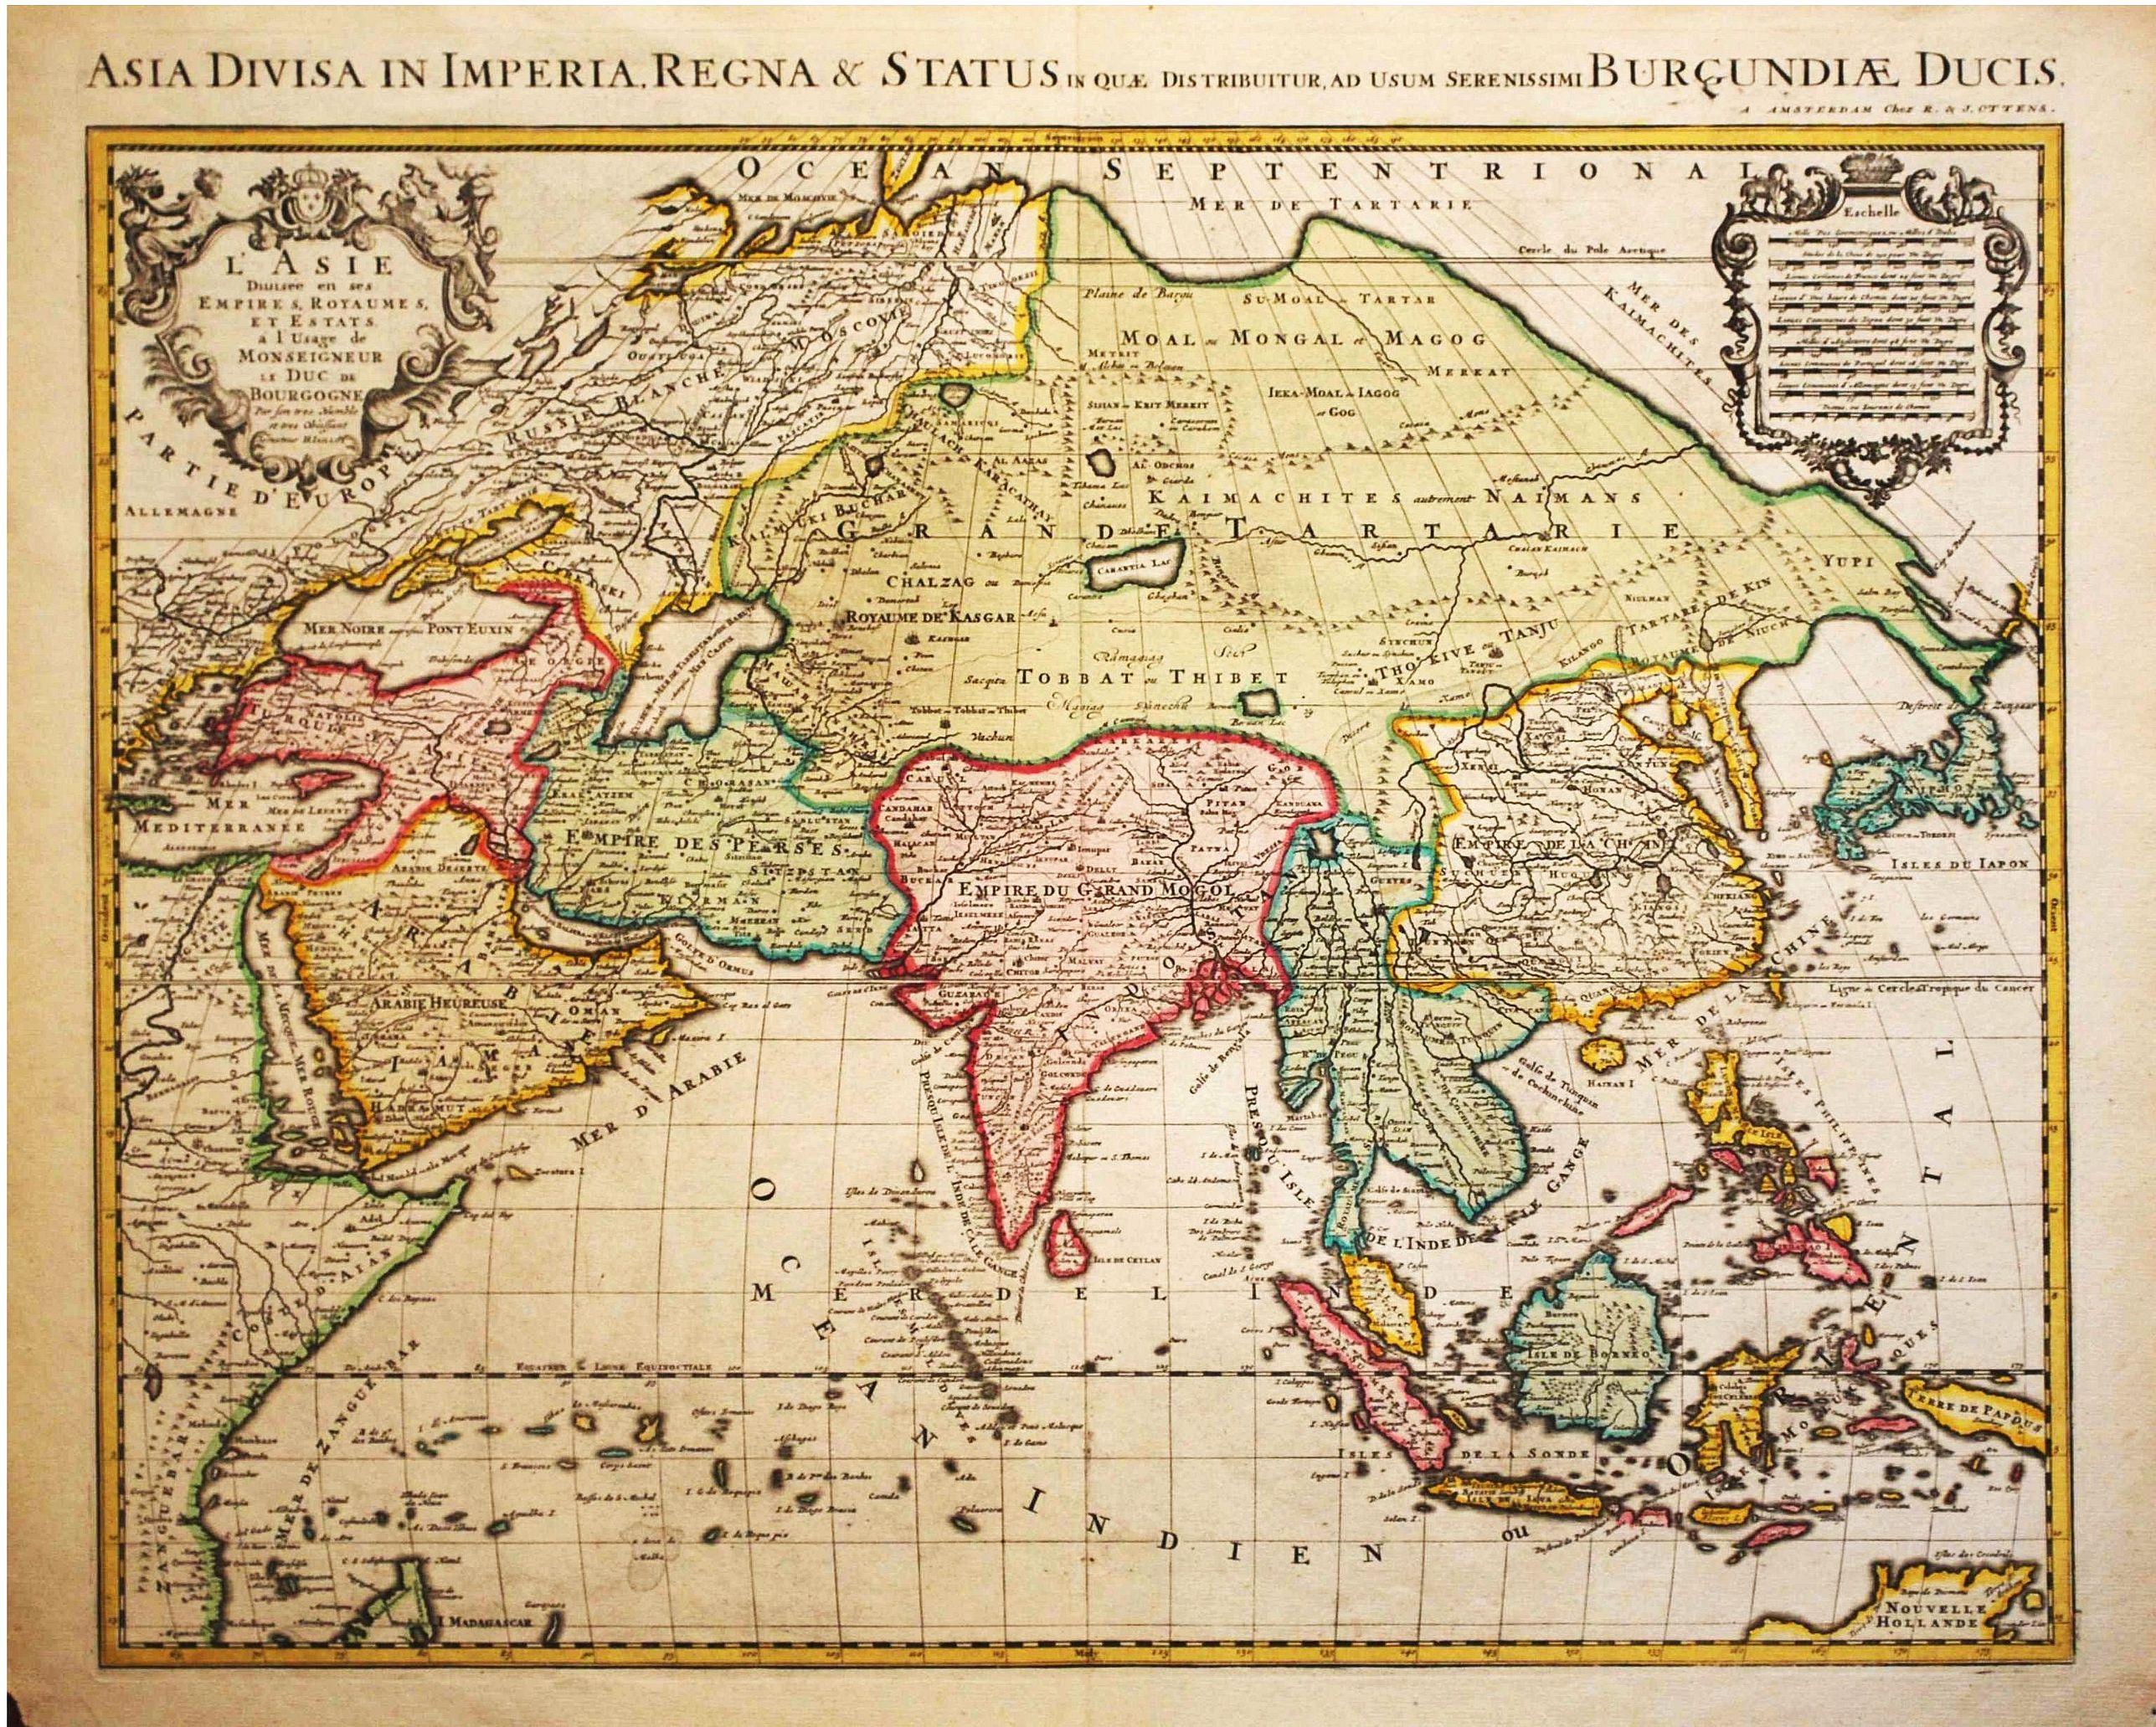 OtTTENS, R. & J.  / after H. Jaillot. - L ' Asie Divisee en ses Empires, Royaumes et Etats.